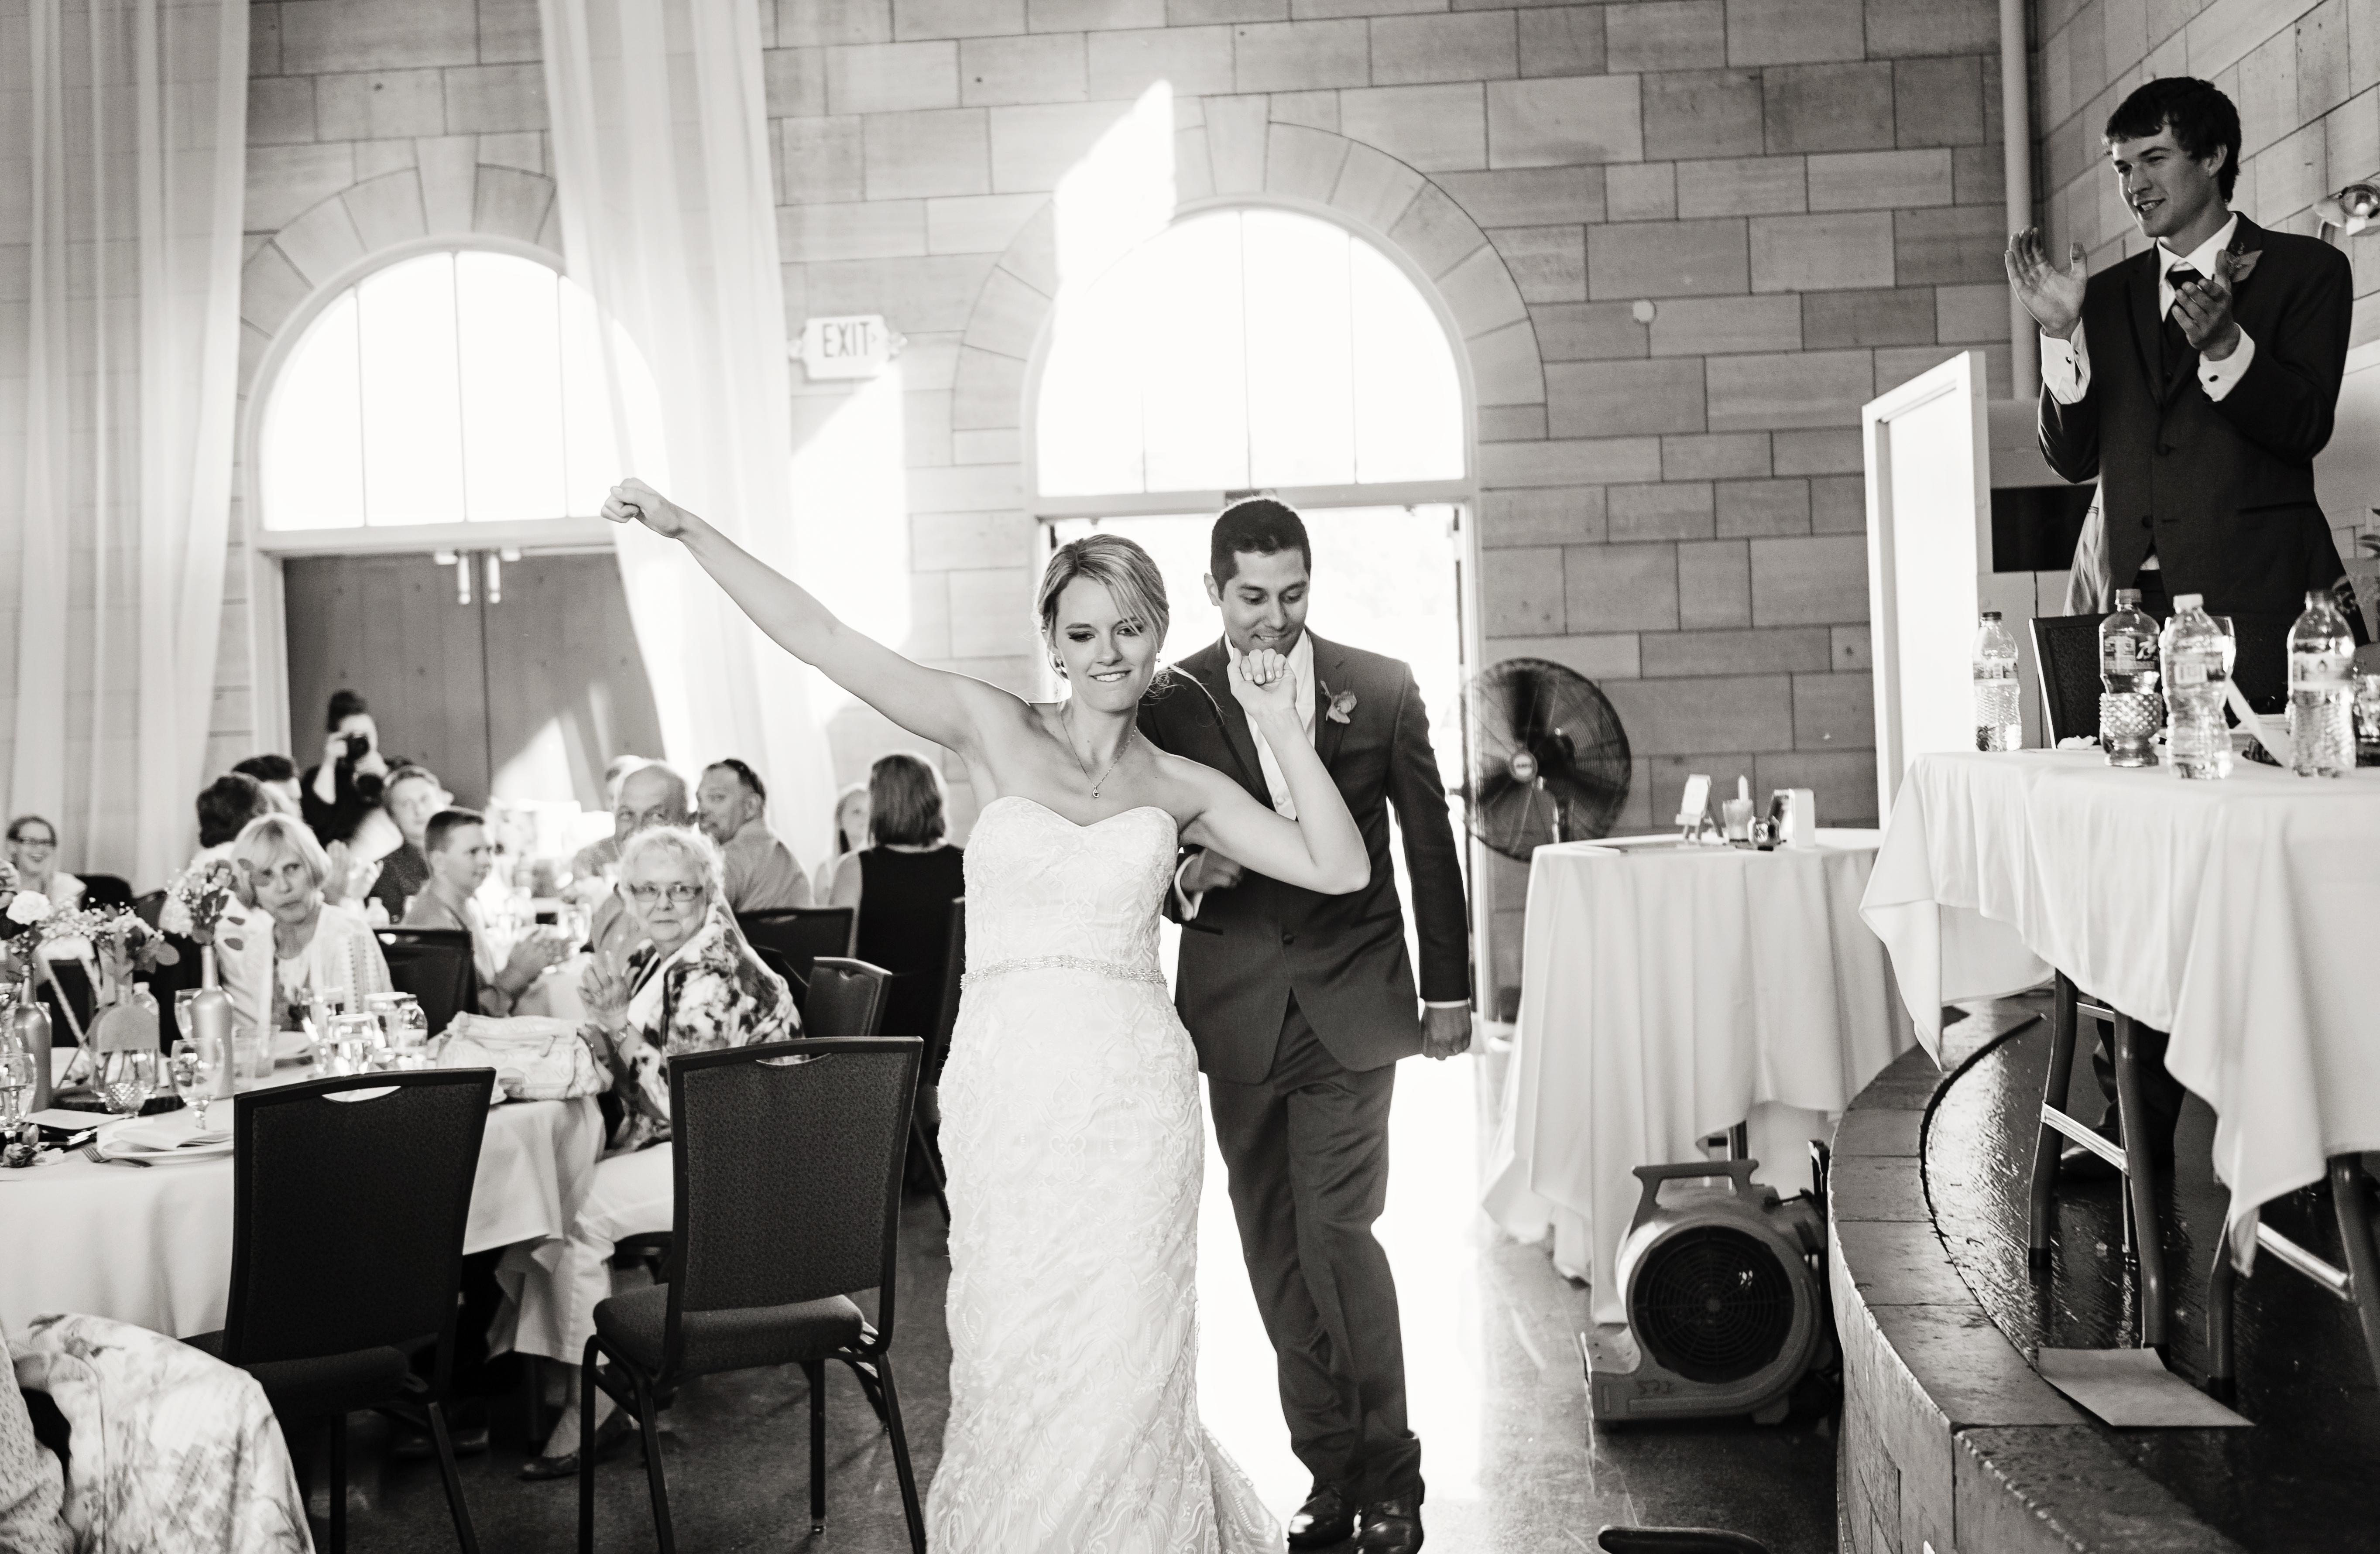 twincities wedding photography east oaks photography wedding photo (34)